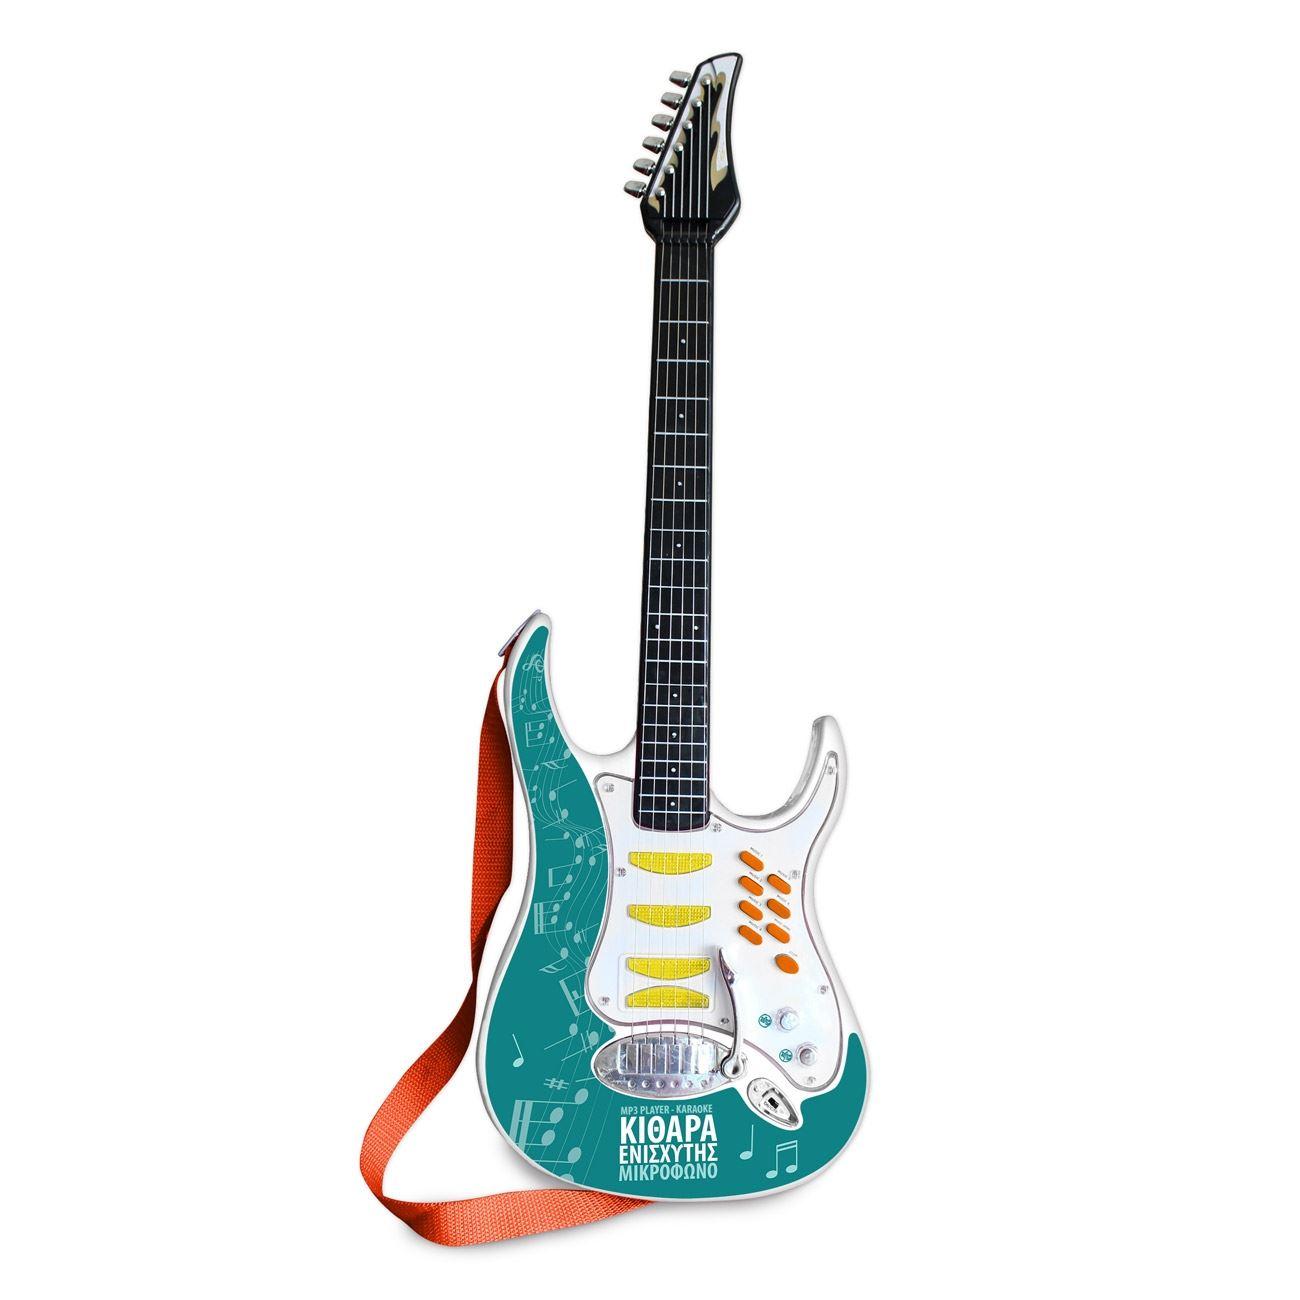 Επιτηλεφωνικά ραντεβού κιθάρες